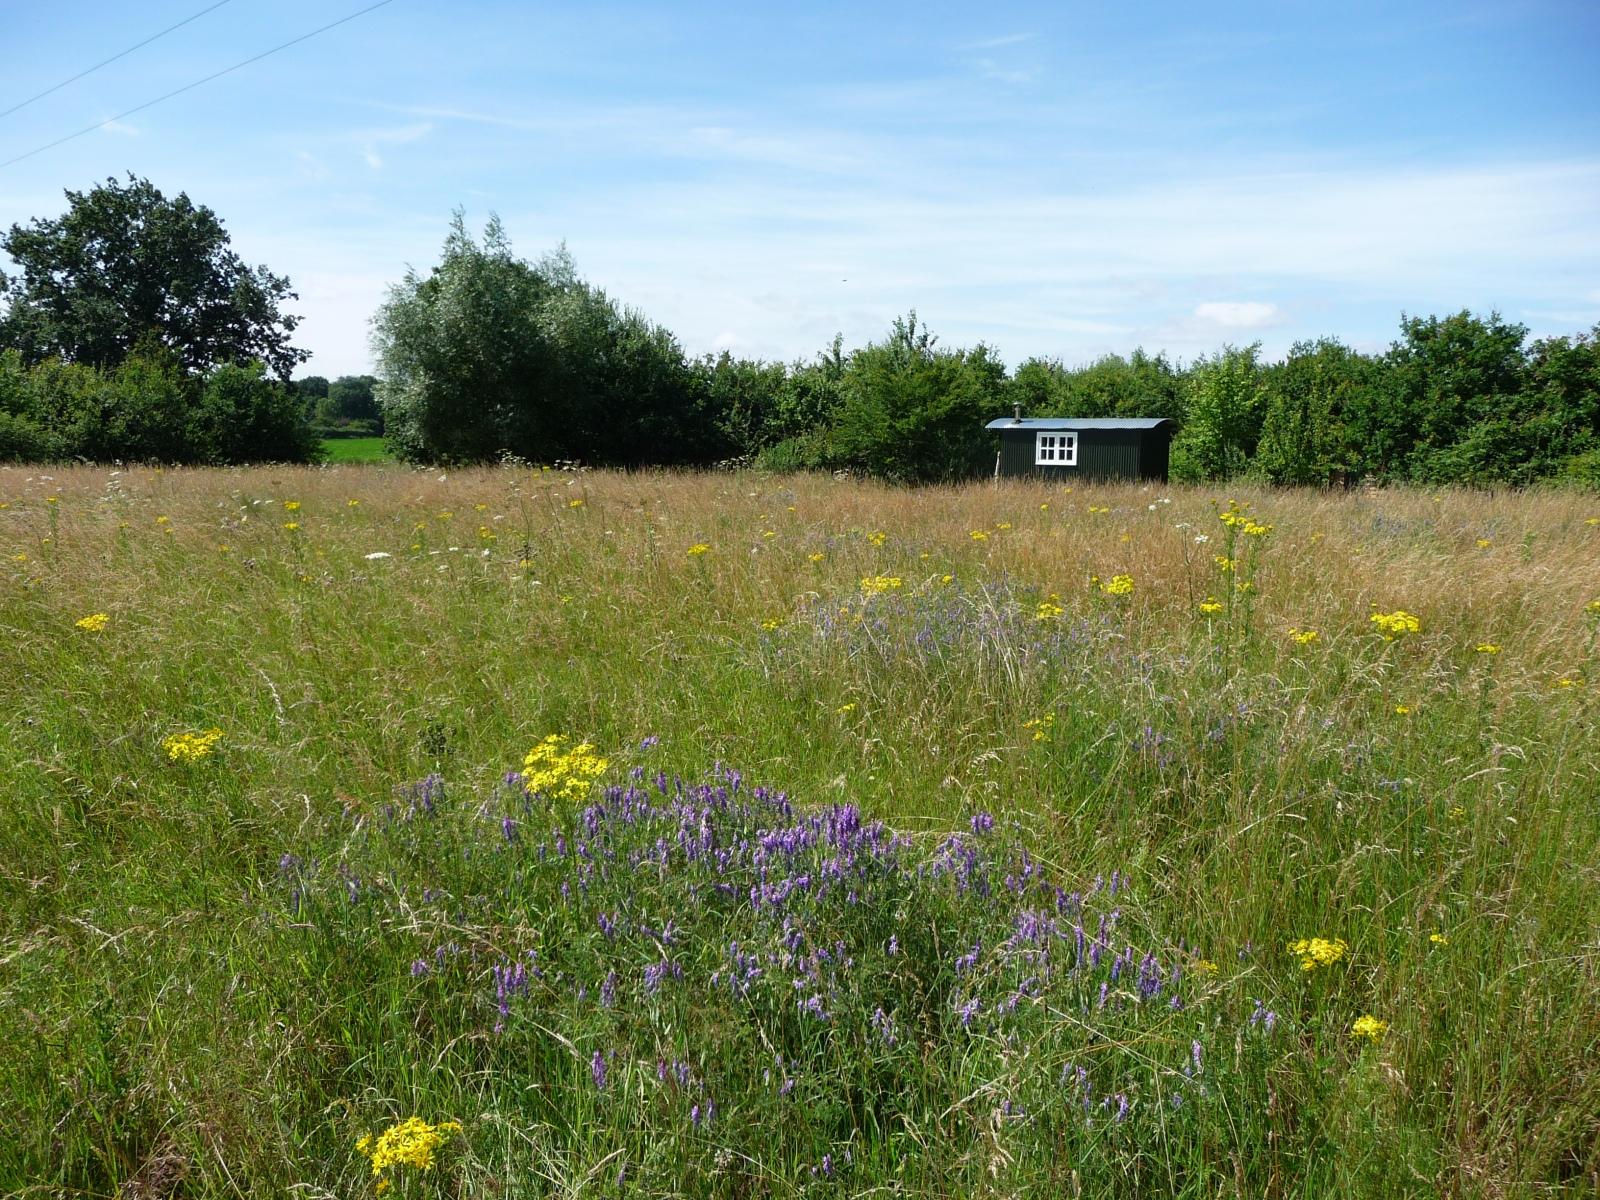 view of shepherds hut